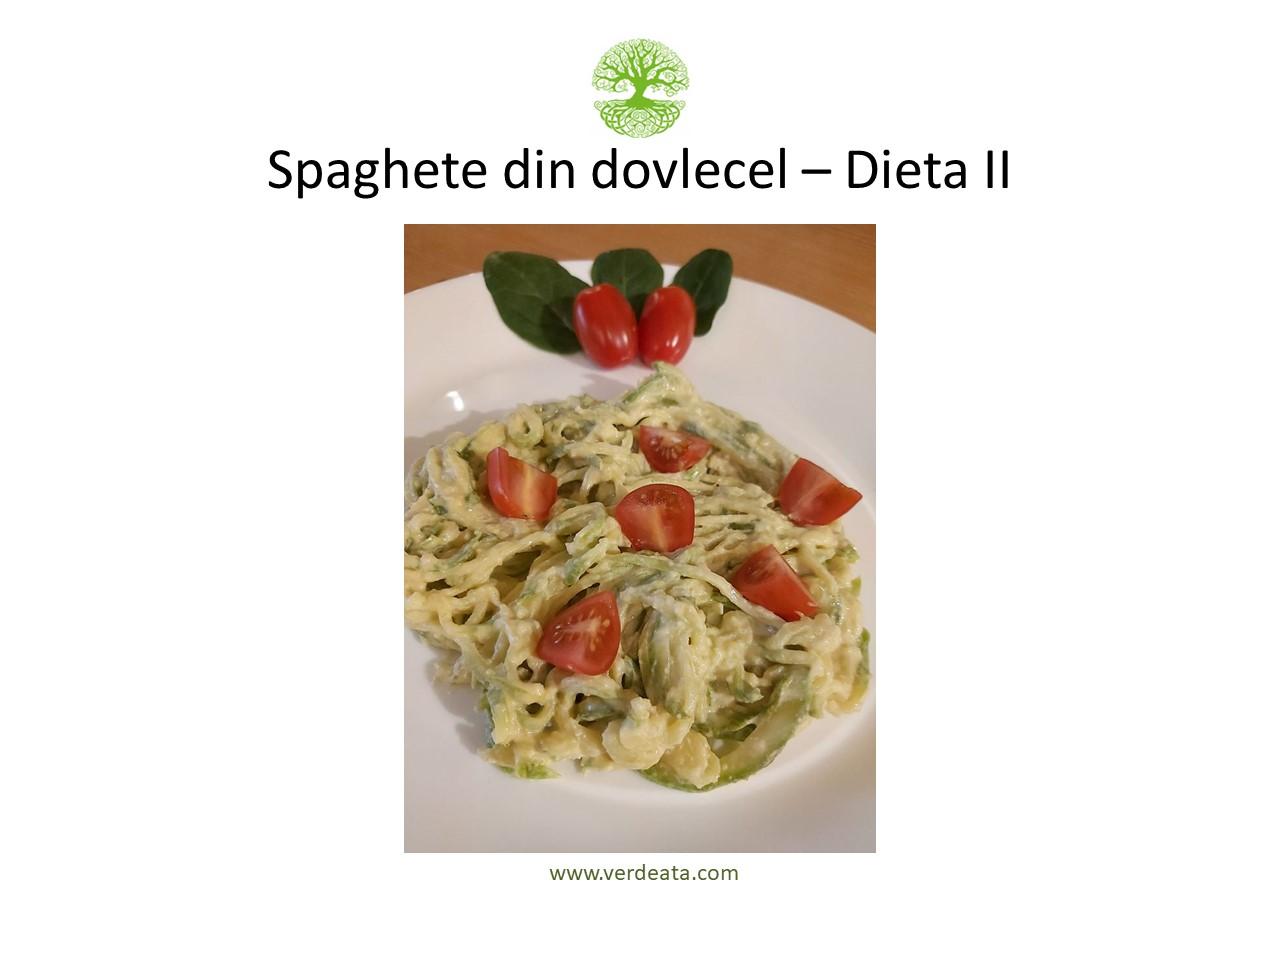 Spaghete din dovlecel (crud) cu sos caju - Dieta I